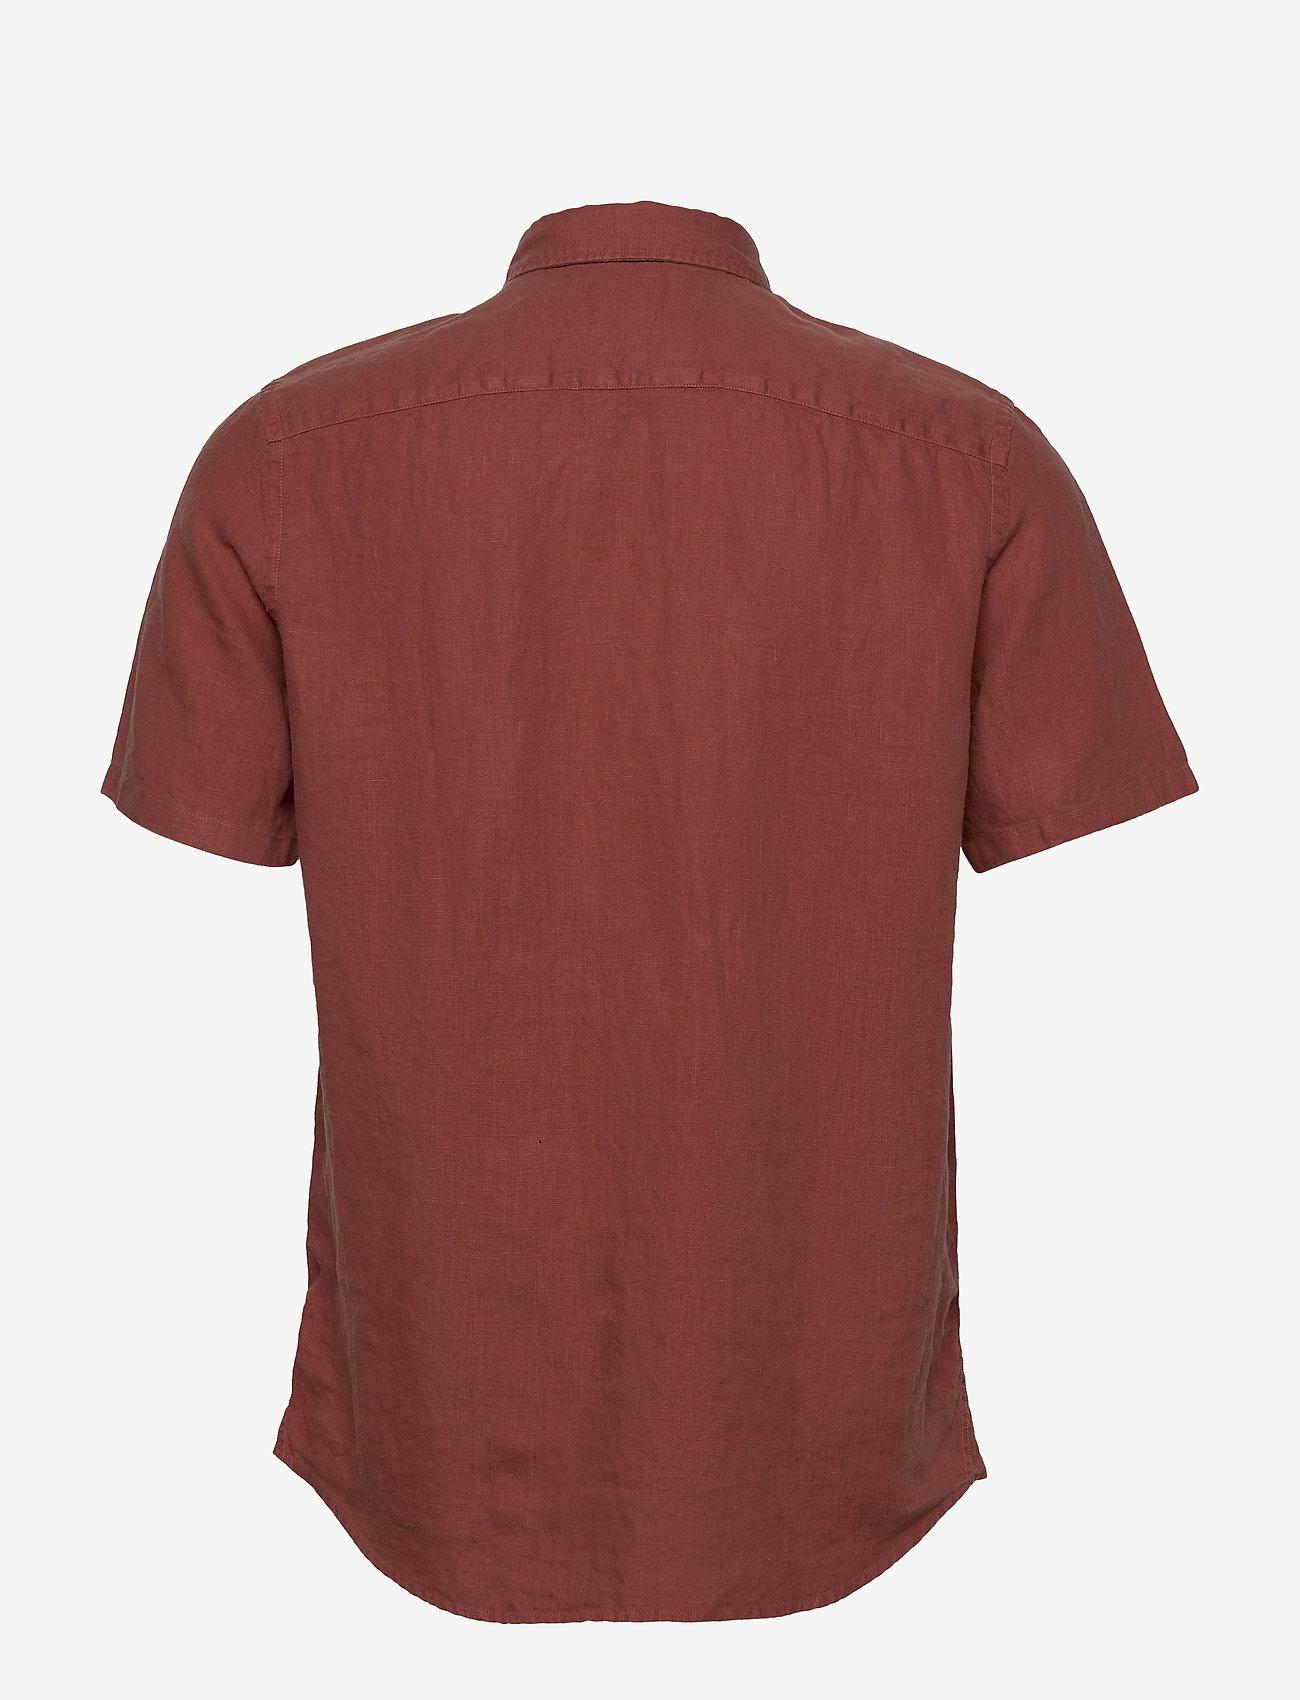 Scotch & Soda - REGULAR FIT- Shortsleeve garment -dyed linen shirt - basic skjorter - cinnabar - 1